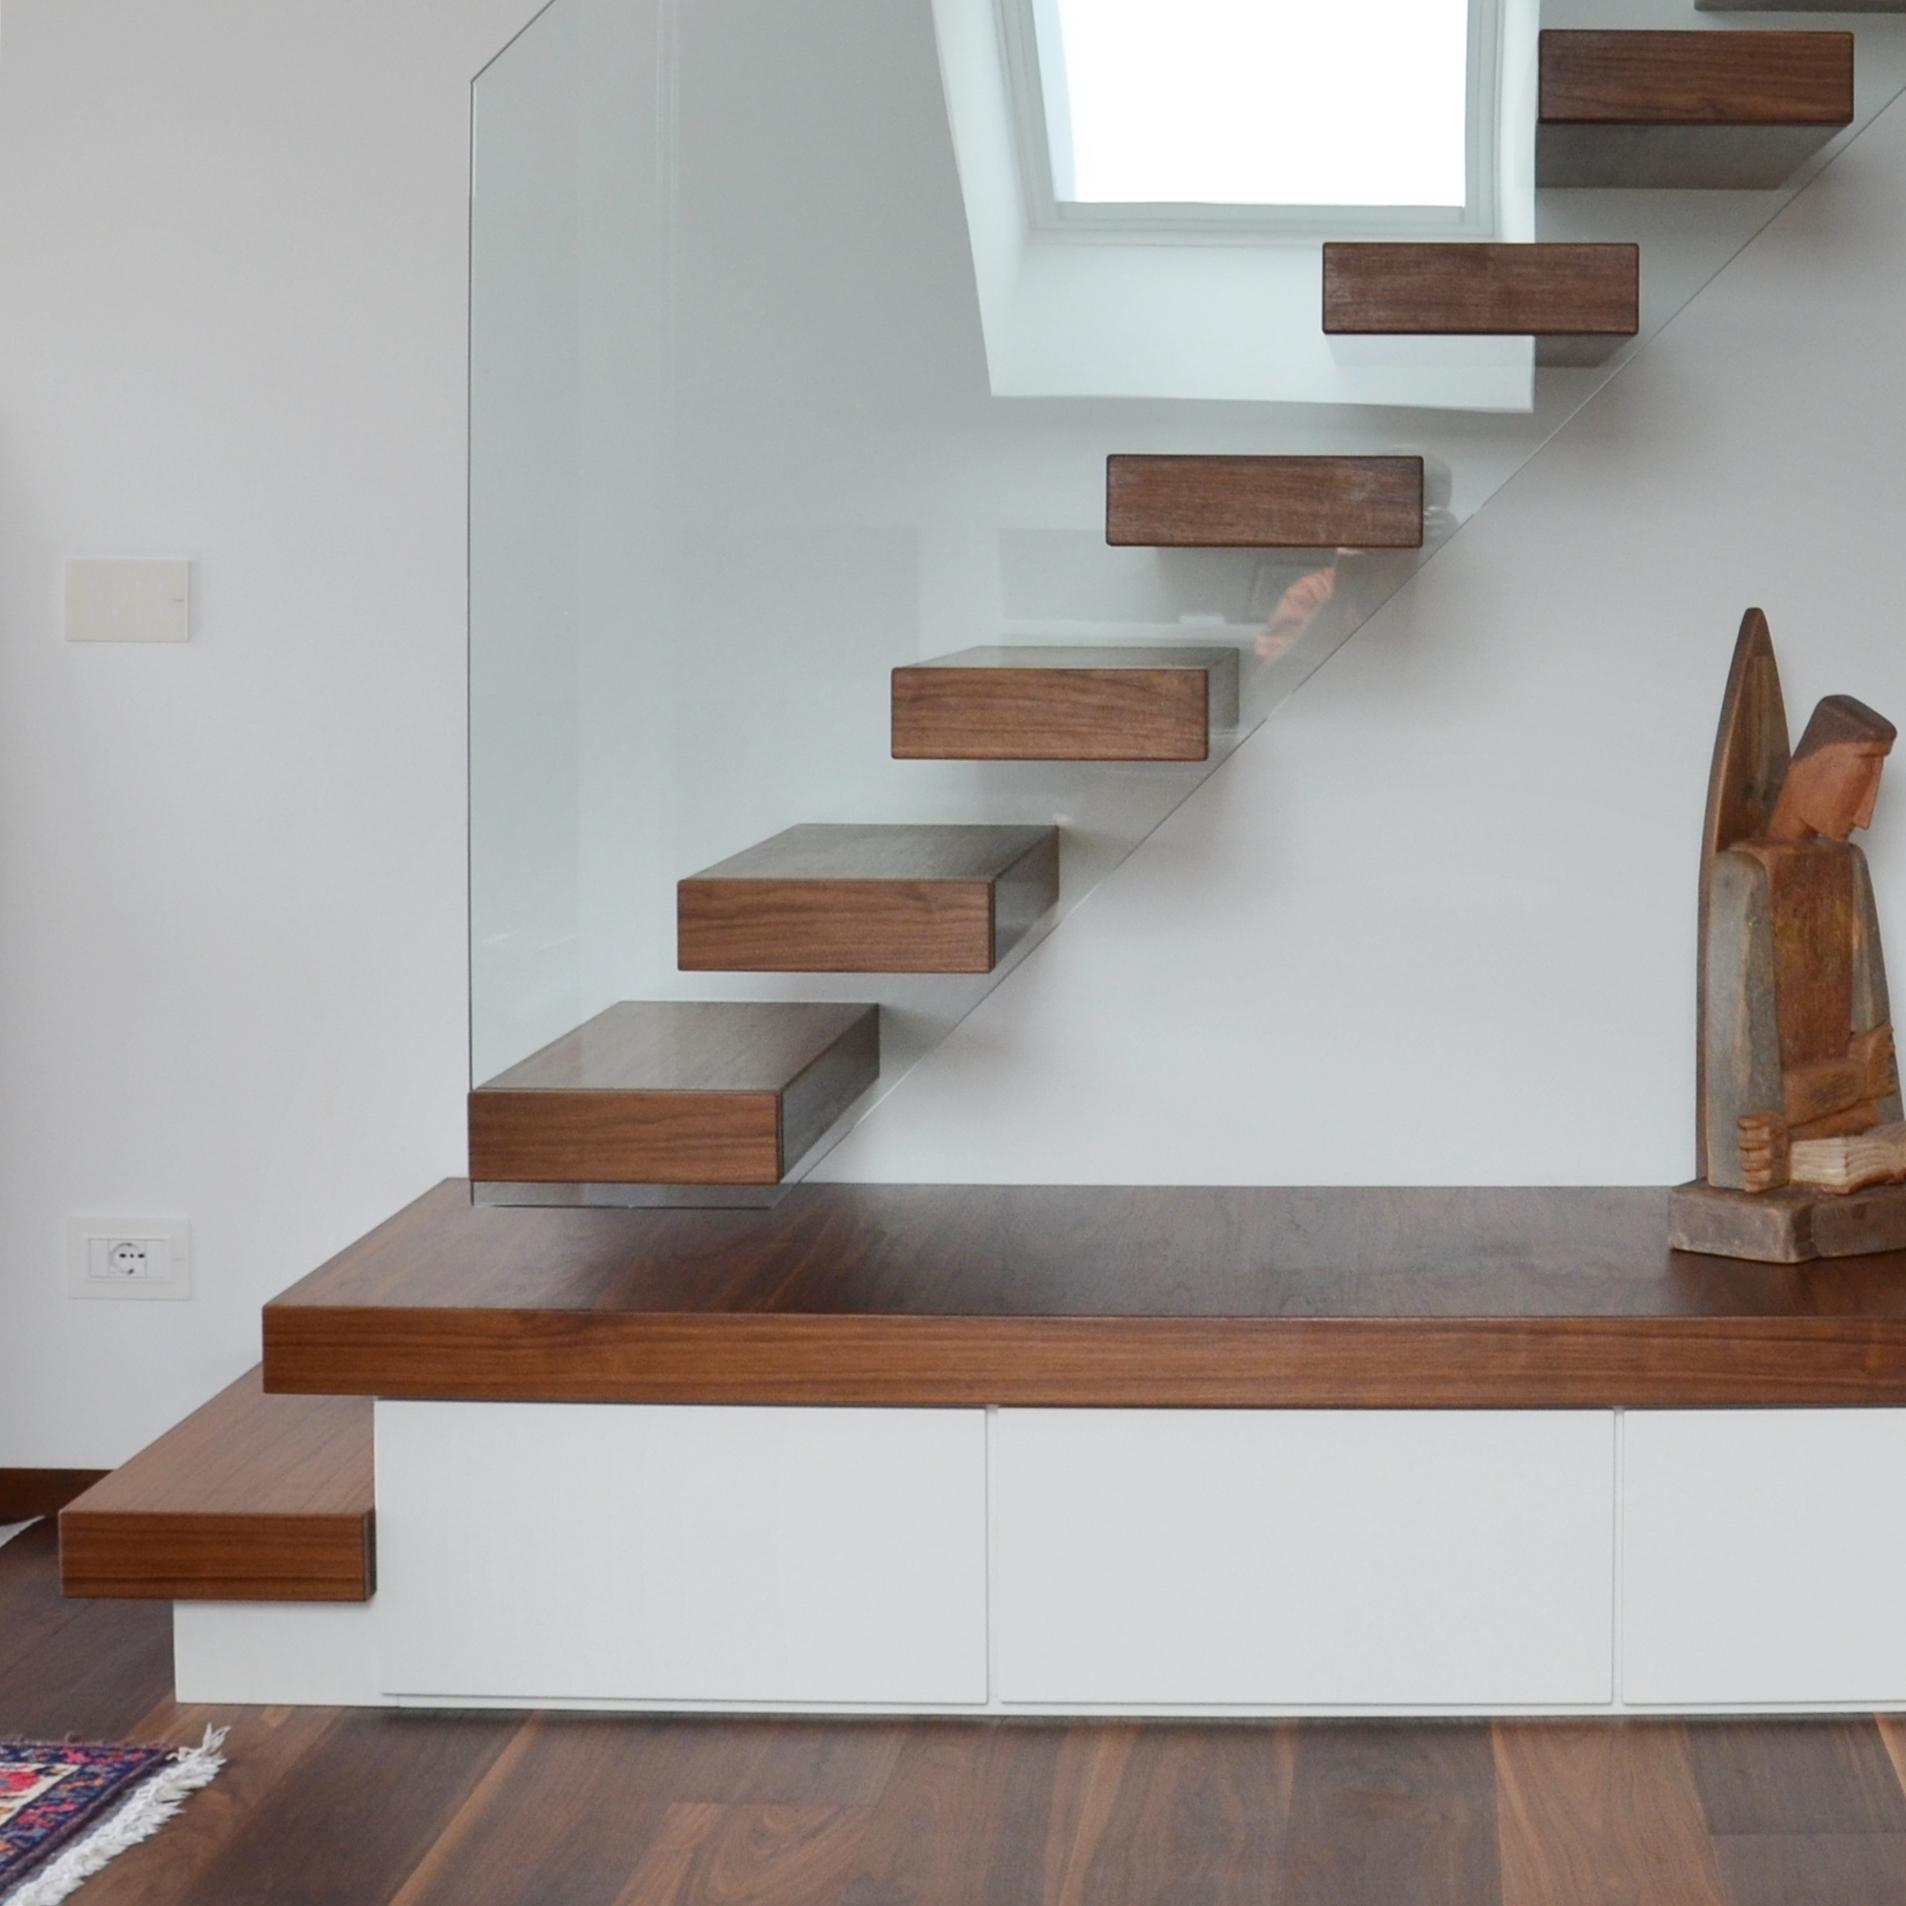 reichhalter treppen treppenspezialist in s dtirol treppen aus s dtirol afing treppenbau. Black Bedroom Furniture Sets. Home Design Ideas